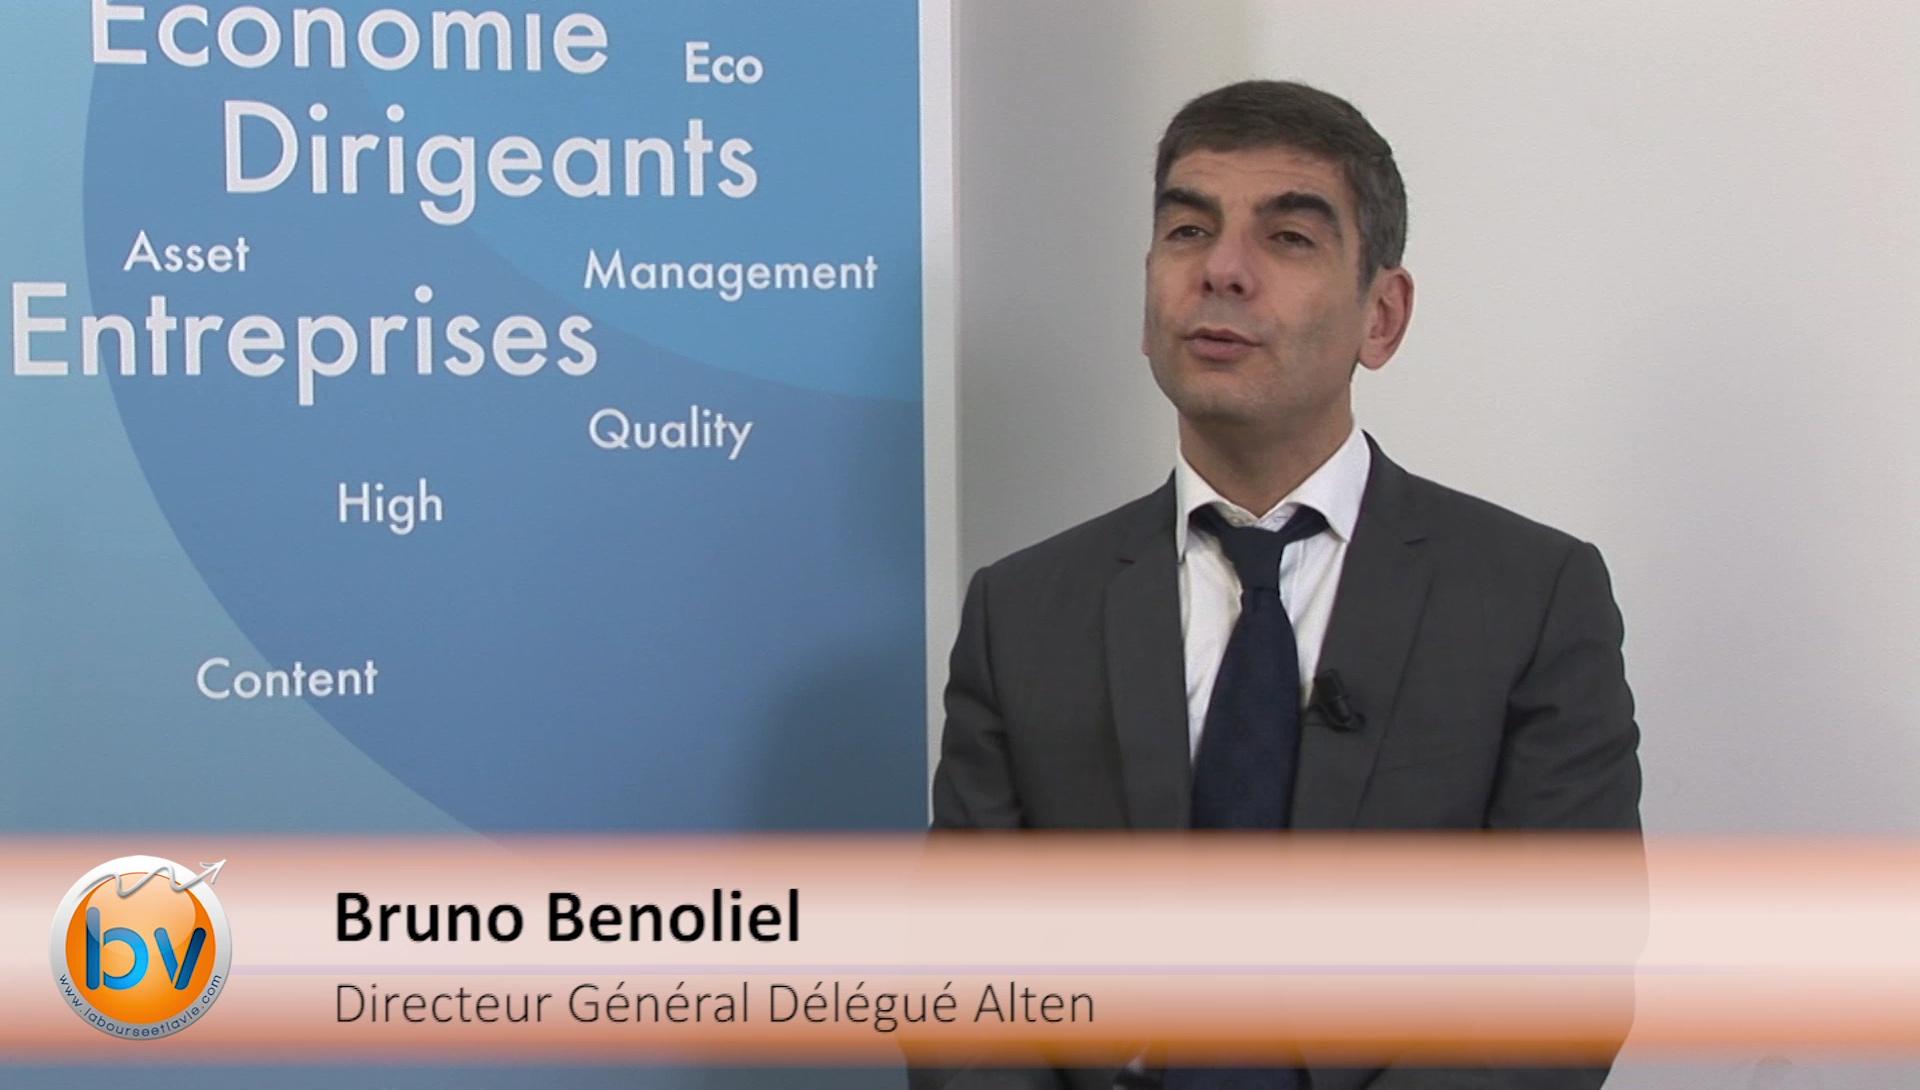 Bruno Benoliel Directeur Général Délégué Alten : «L'année 2016 se présente bien»